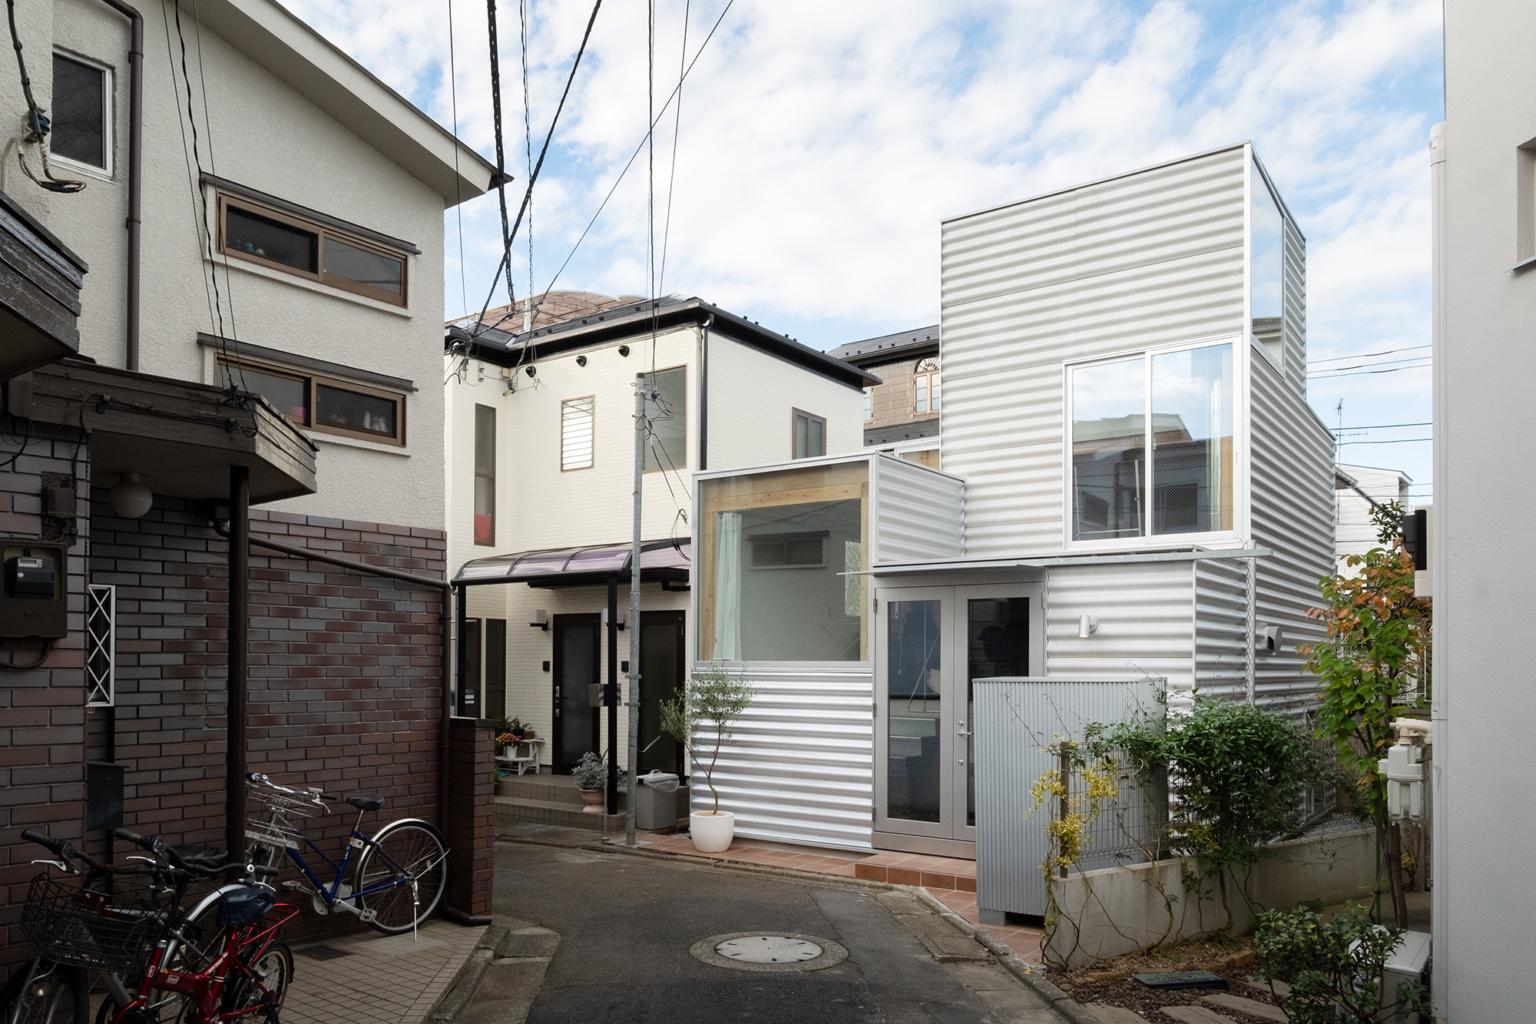 La mini casa sorge su un lotto di 26 m2